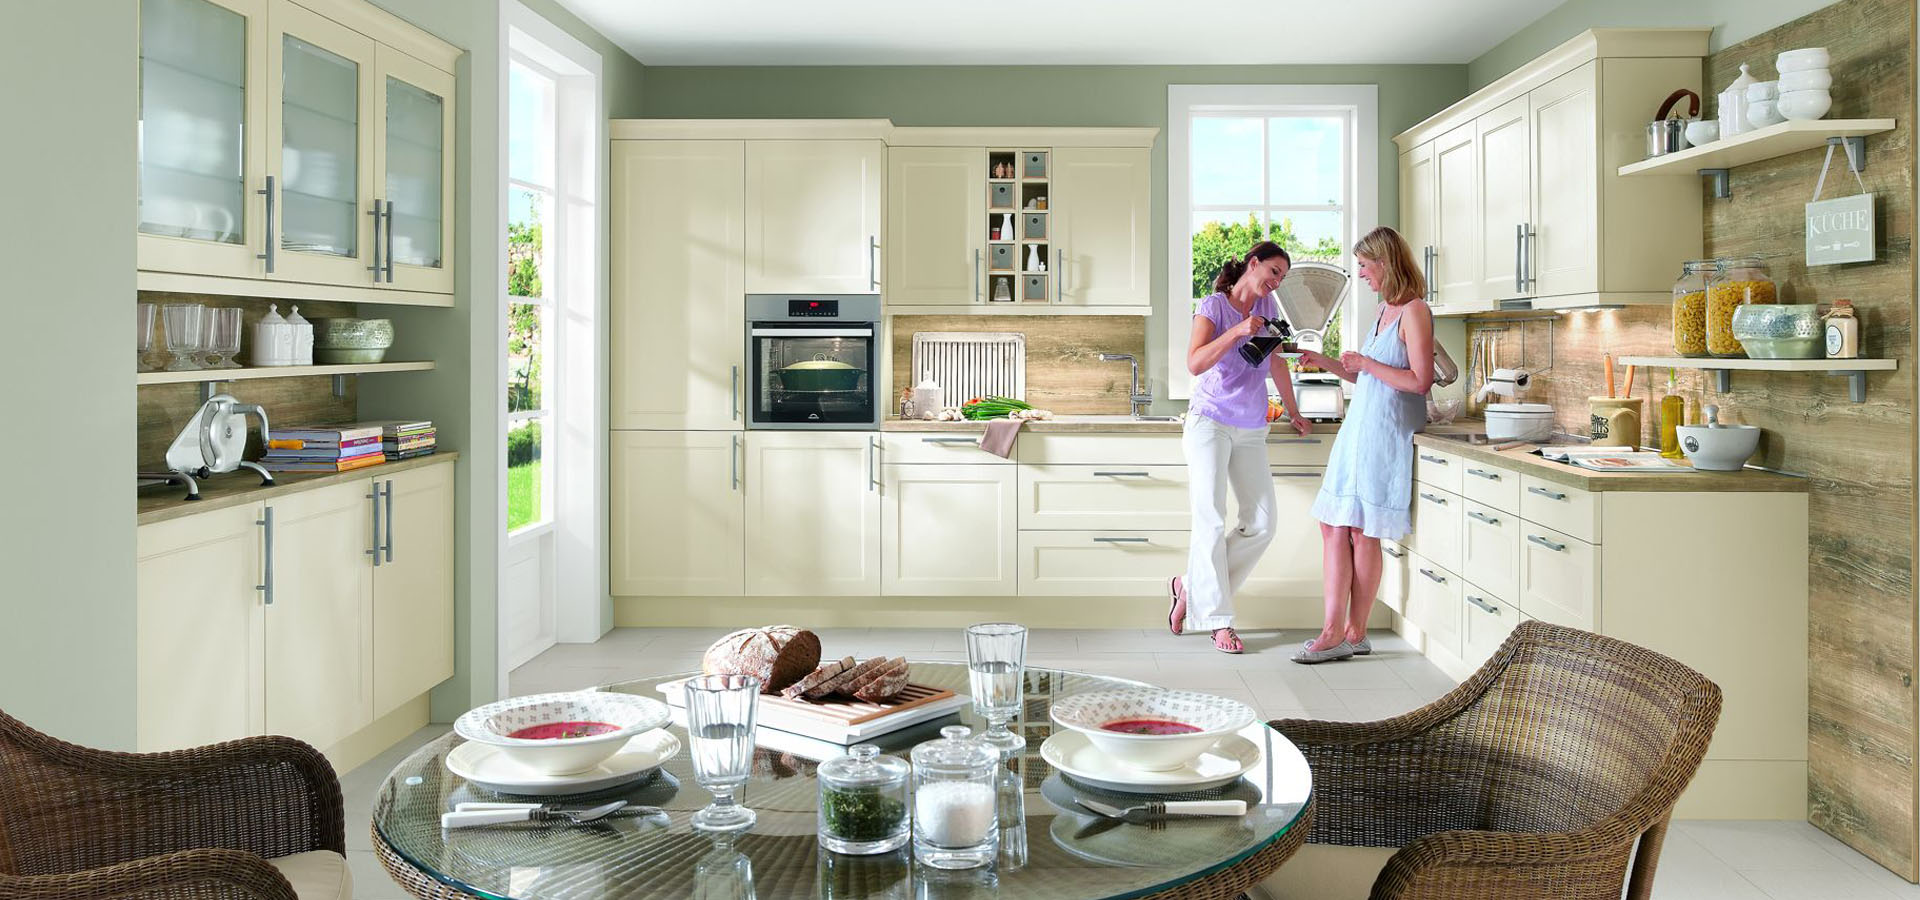 Comprar muebles cocina baratos beautiful muebles with - Muebles auxiliares de cocina baratos ...